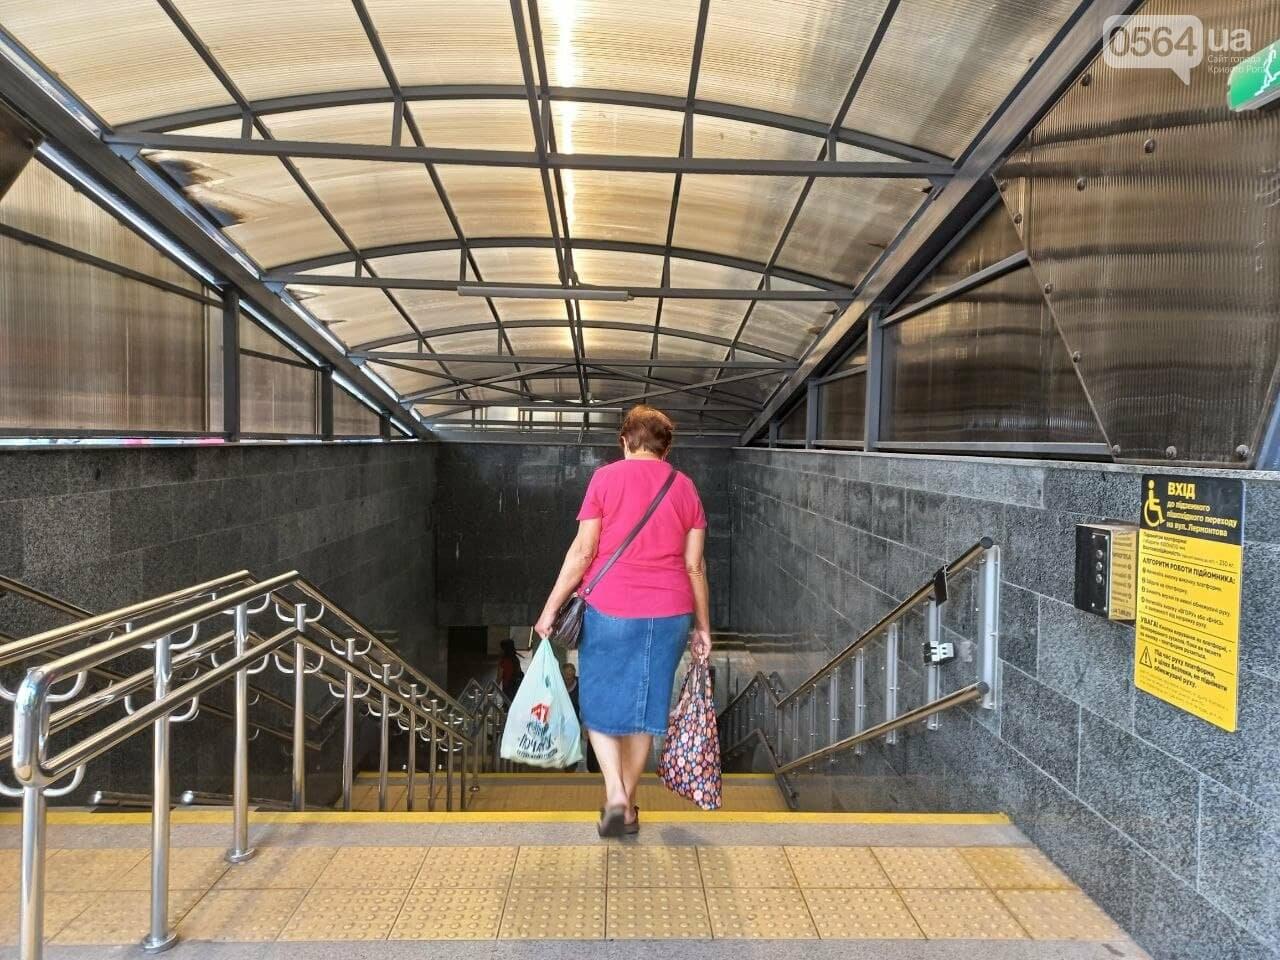 Возле Центрального рынка в Кривом Роге закрыли наземный переход и открыли подземный, - ФОТО, фото-3